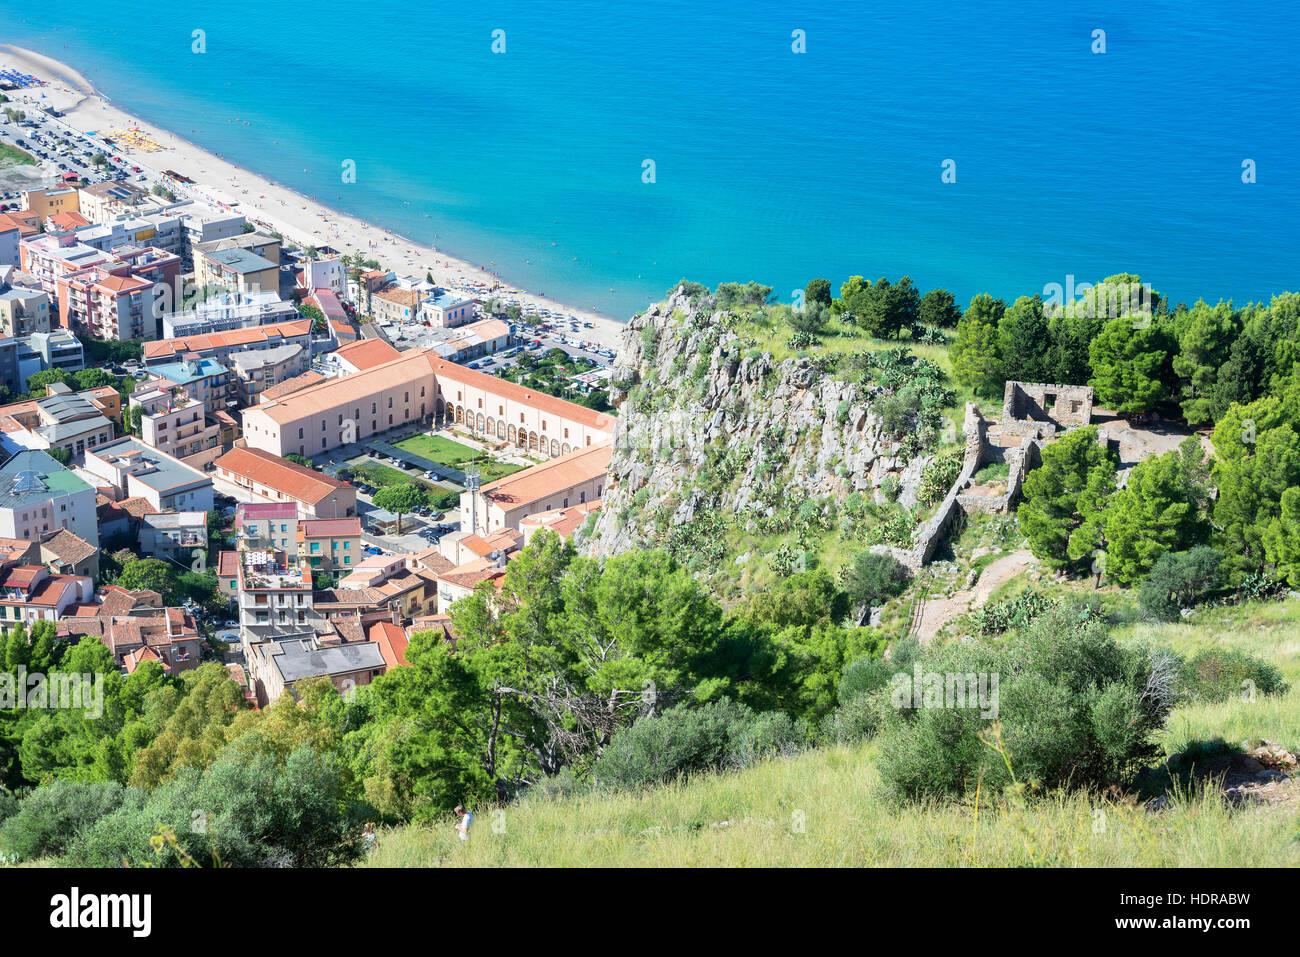 Plage de la ville et la falaise La Rocca vue, Cefalù, Sicile, Italie, Europe Photo Stock